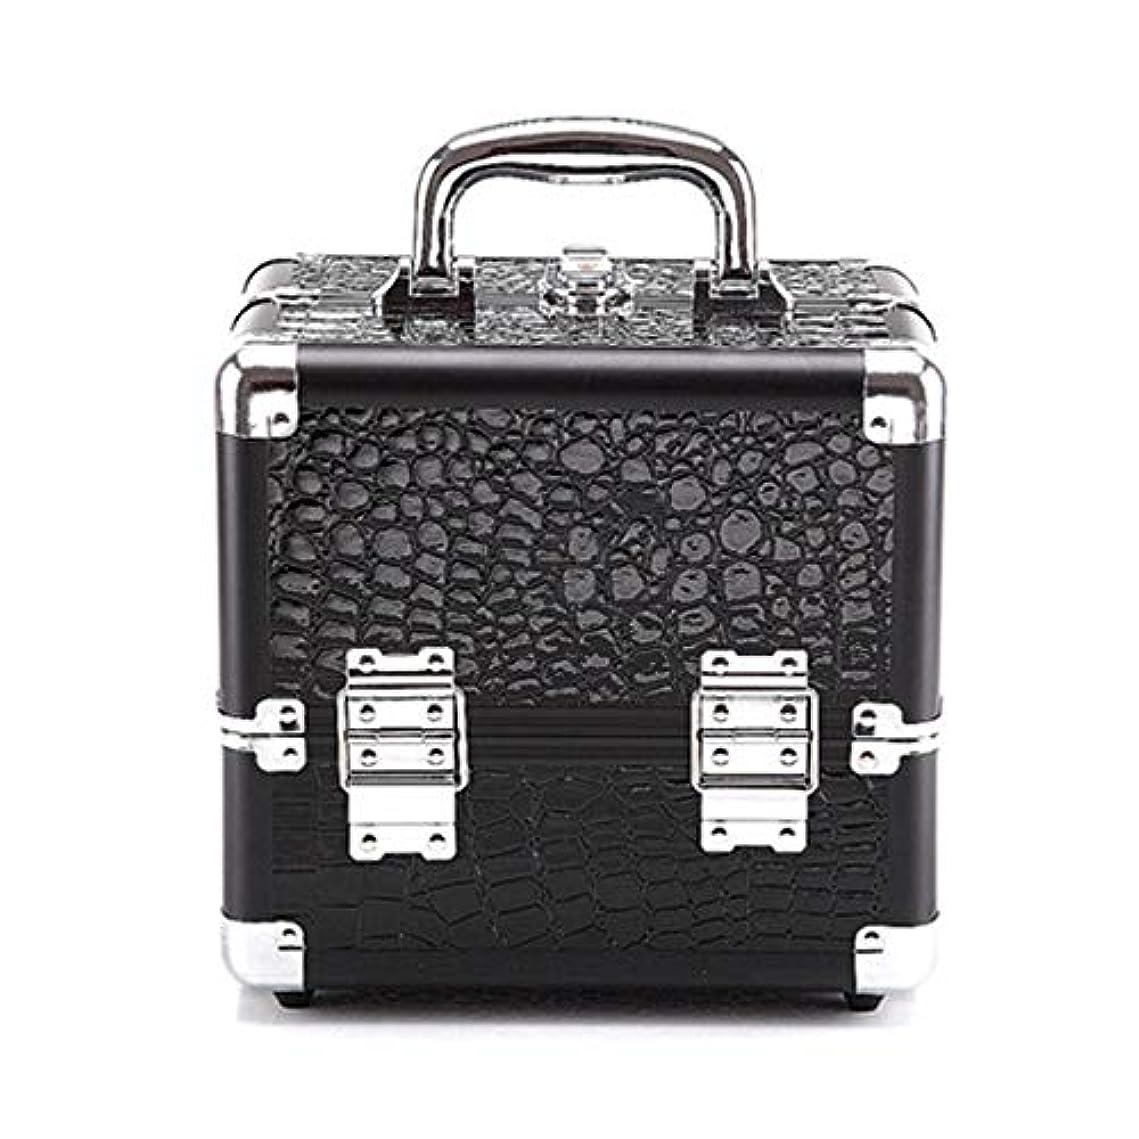 定刻エコーマウントバンク化粧オーガナイザーバッグ クロコダイルパターンストレージ美容ボックスメイクアップネイルジュエリー化粧品バニティケース 化粧品ケース (色 : Black(S))